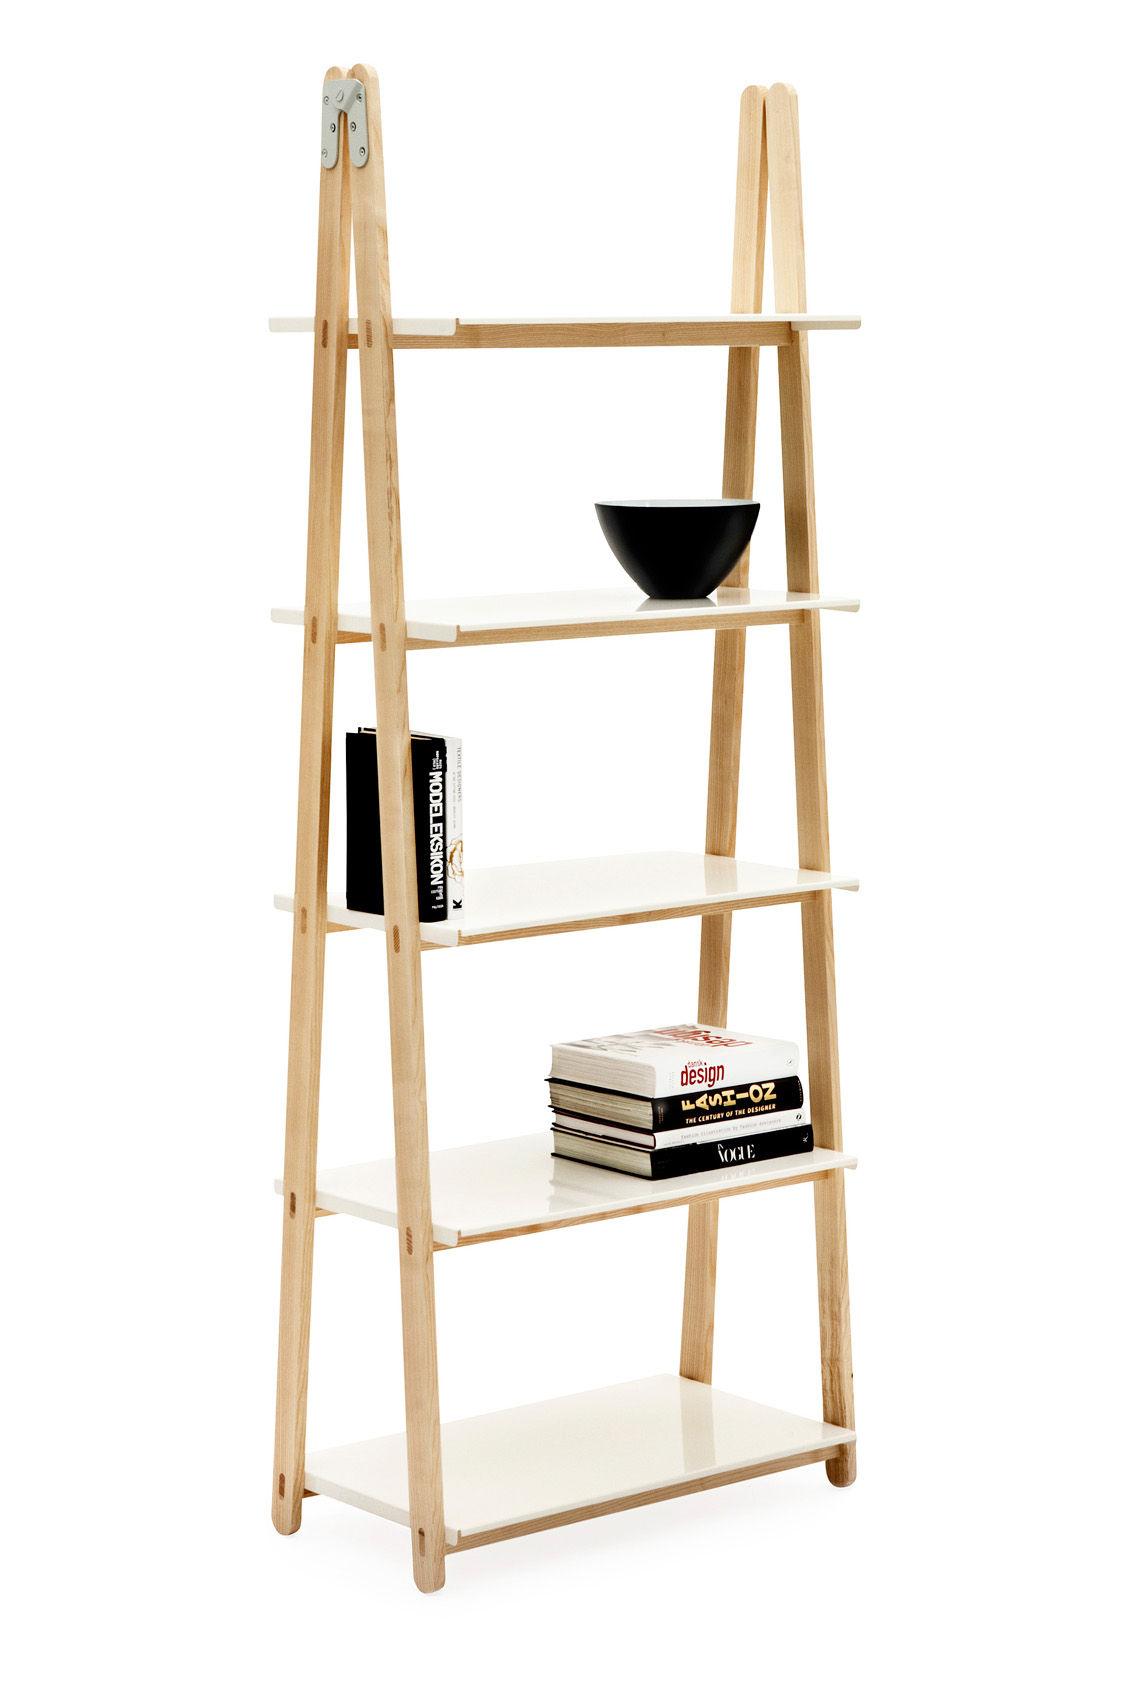 Mobilier - Etagères & bibliothèques - Etagère One Step Up / H 200 cm - Normann Copenhagen - Bois / Tablettes Blanc - Aluminium peint, Frêne